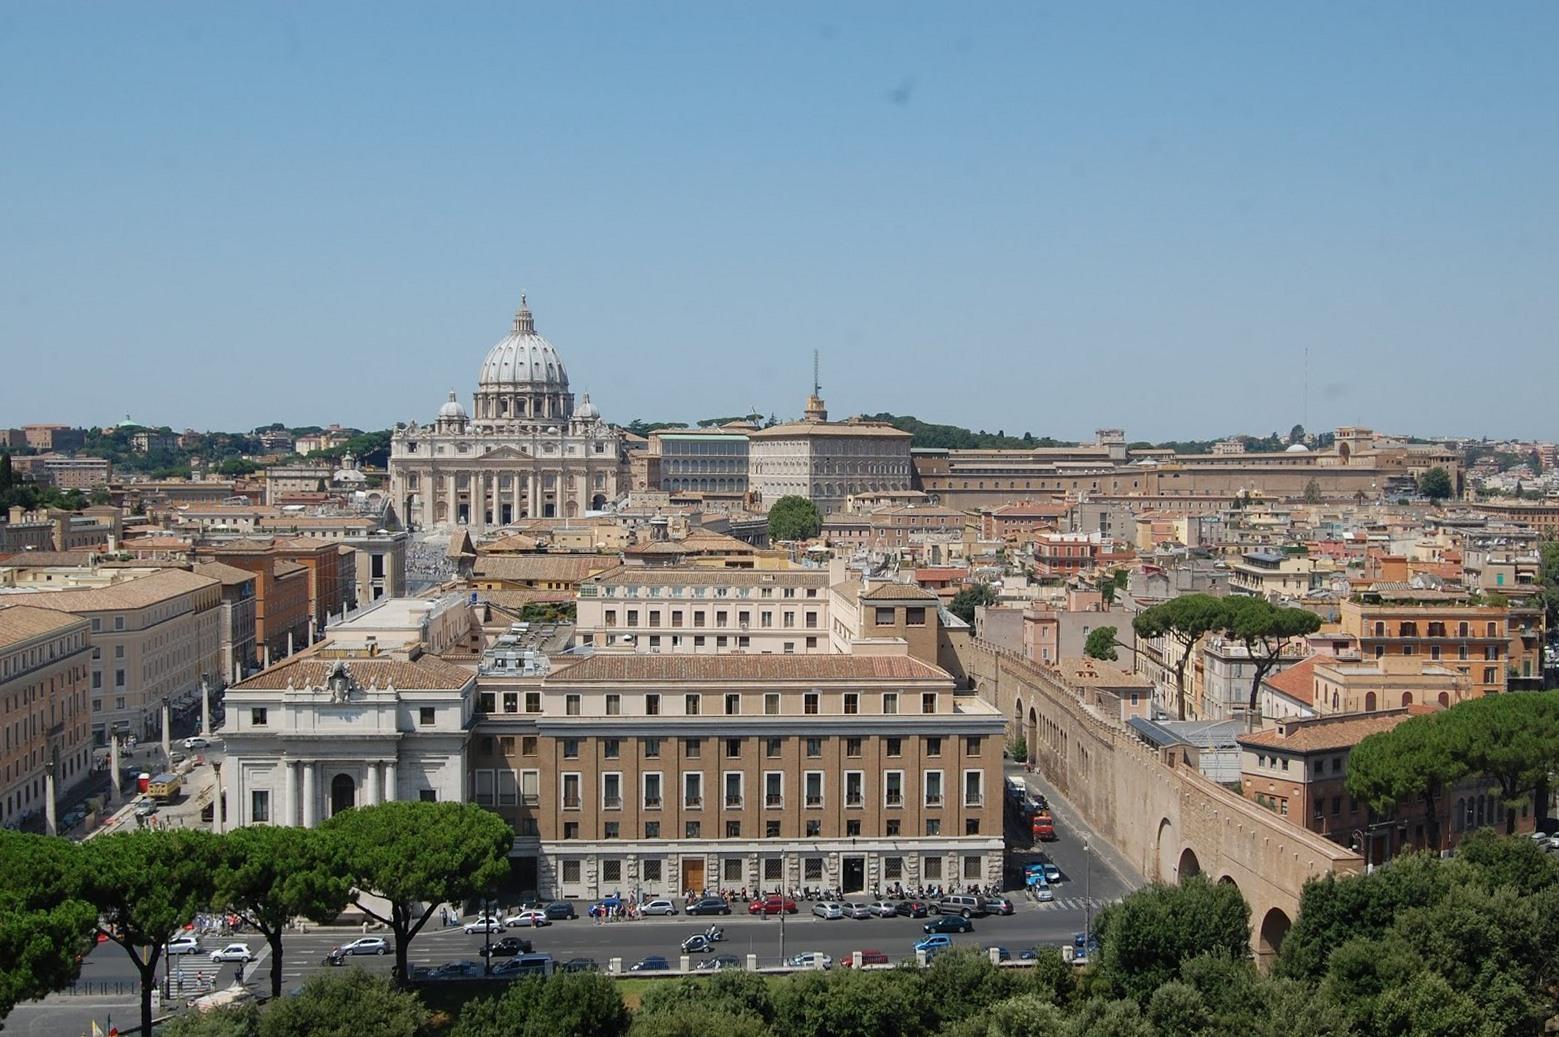 Ватикан: «В деле сбора информации нас победить никто не может» — обзор католической прессы